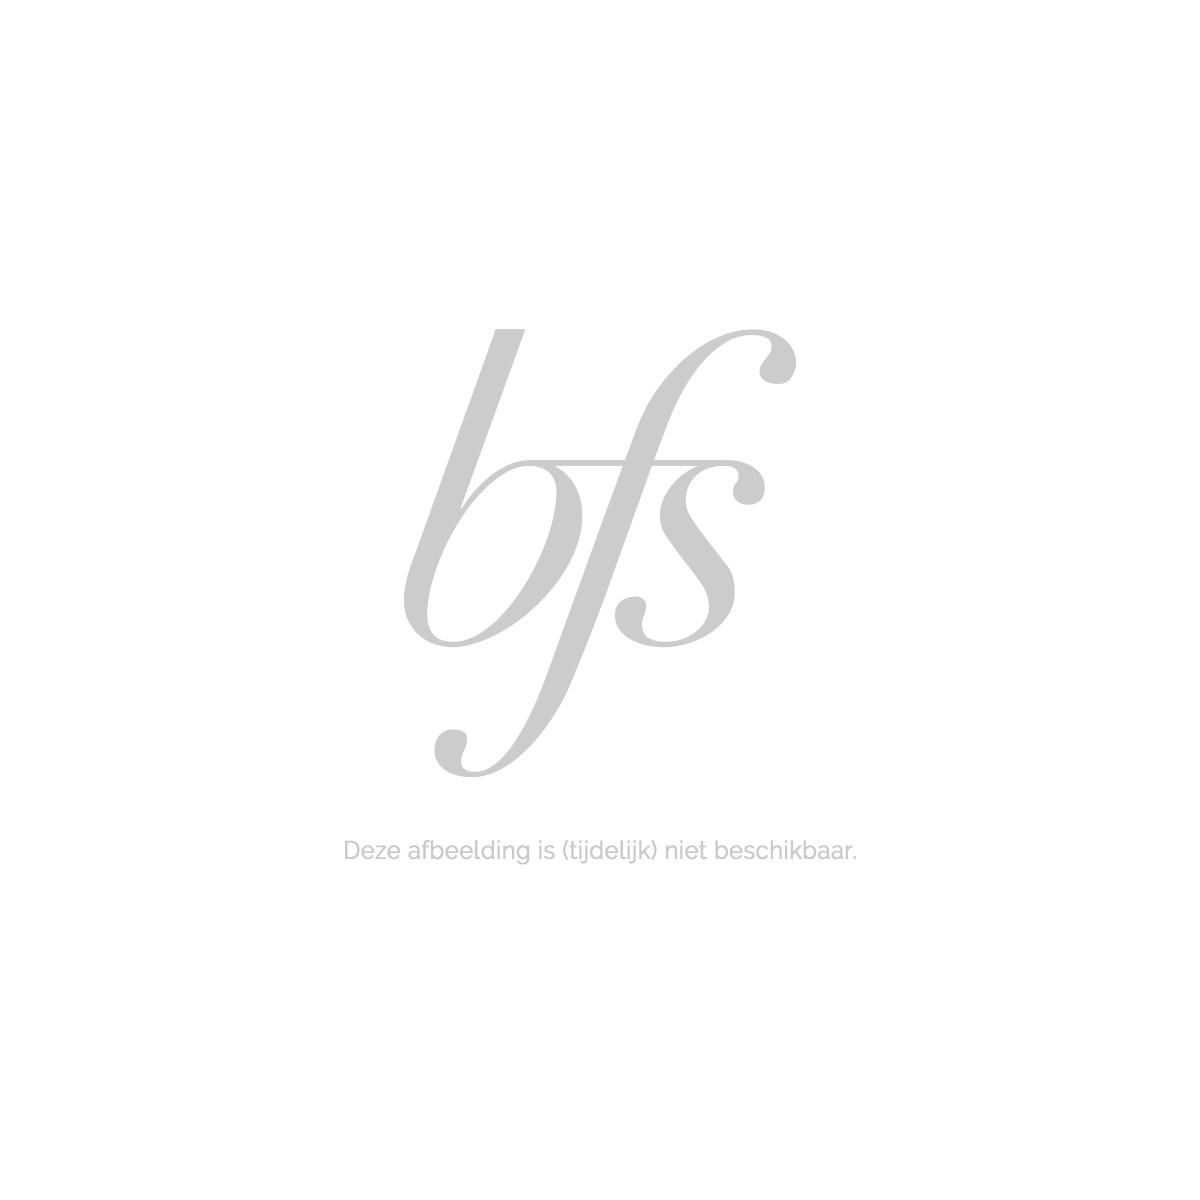 Chanel No 5 Eau de Parfum 60 ml